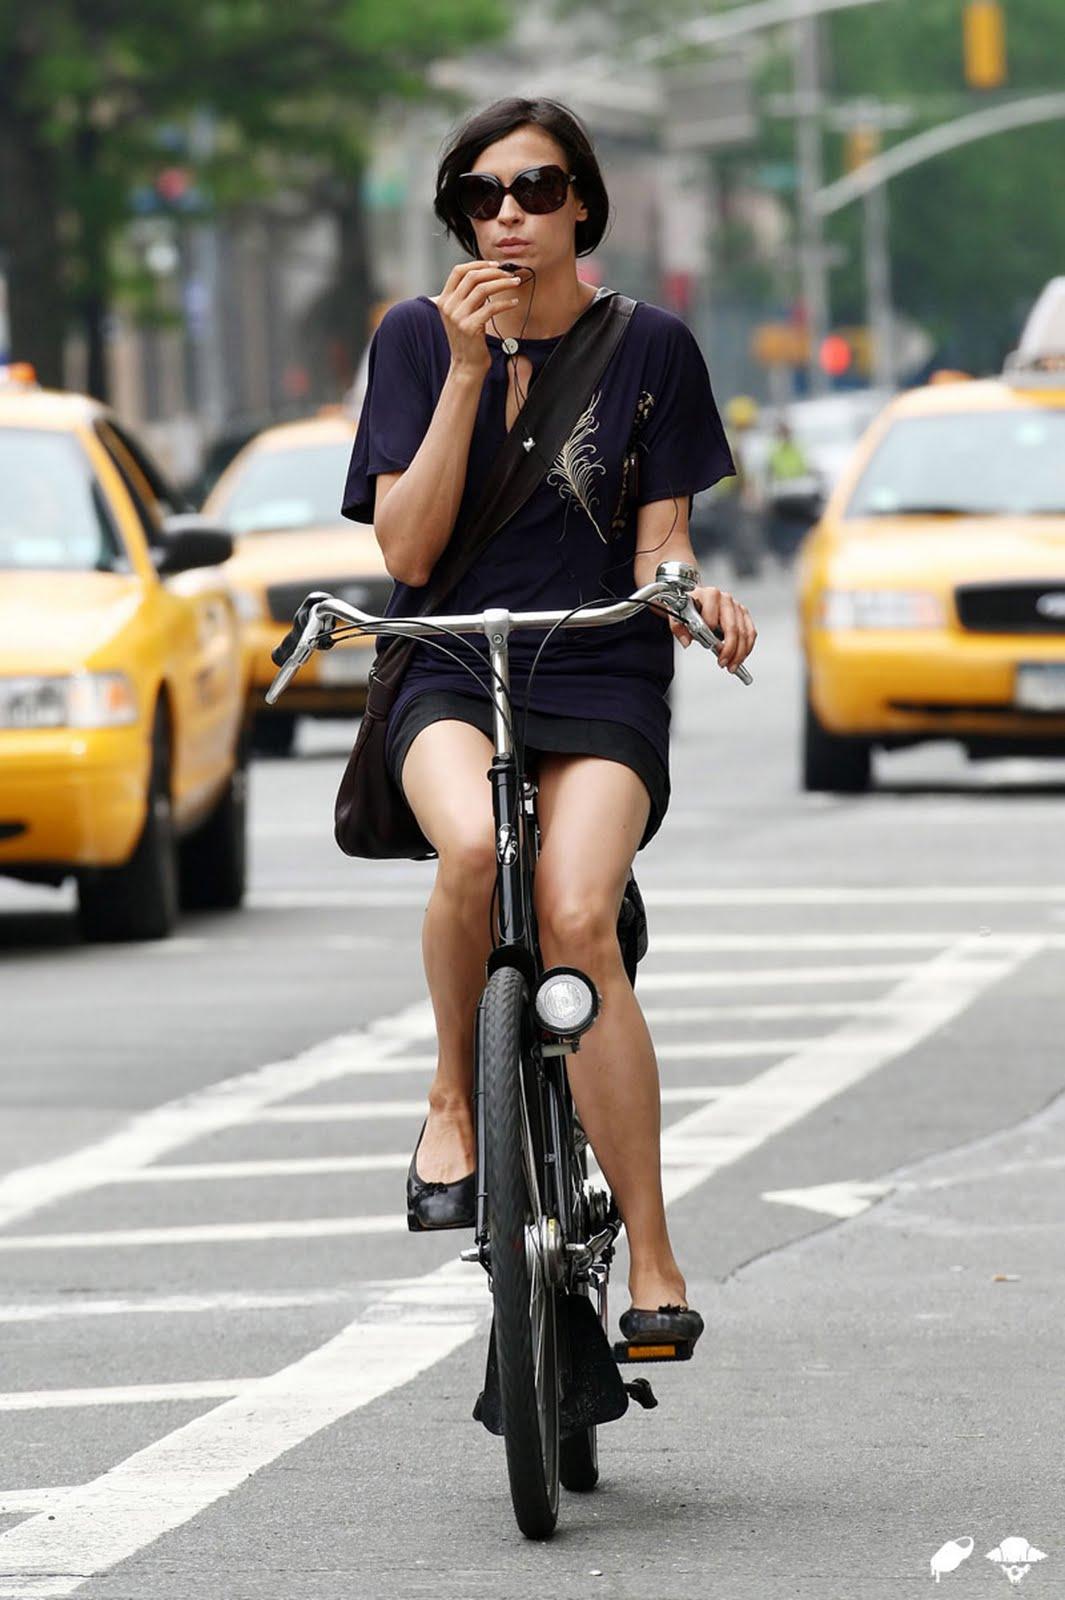 http://1.bp.blogspot.com/_ZAQo1BXF950/TL_oVOPL4ZI/AAAAAAAACME/HWOCmKmHzhU/s1600/famke_jansen_bike_03.jpg